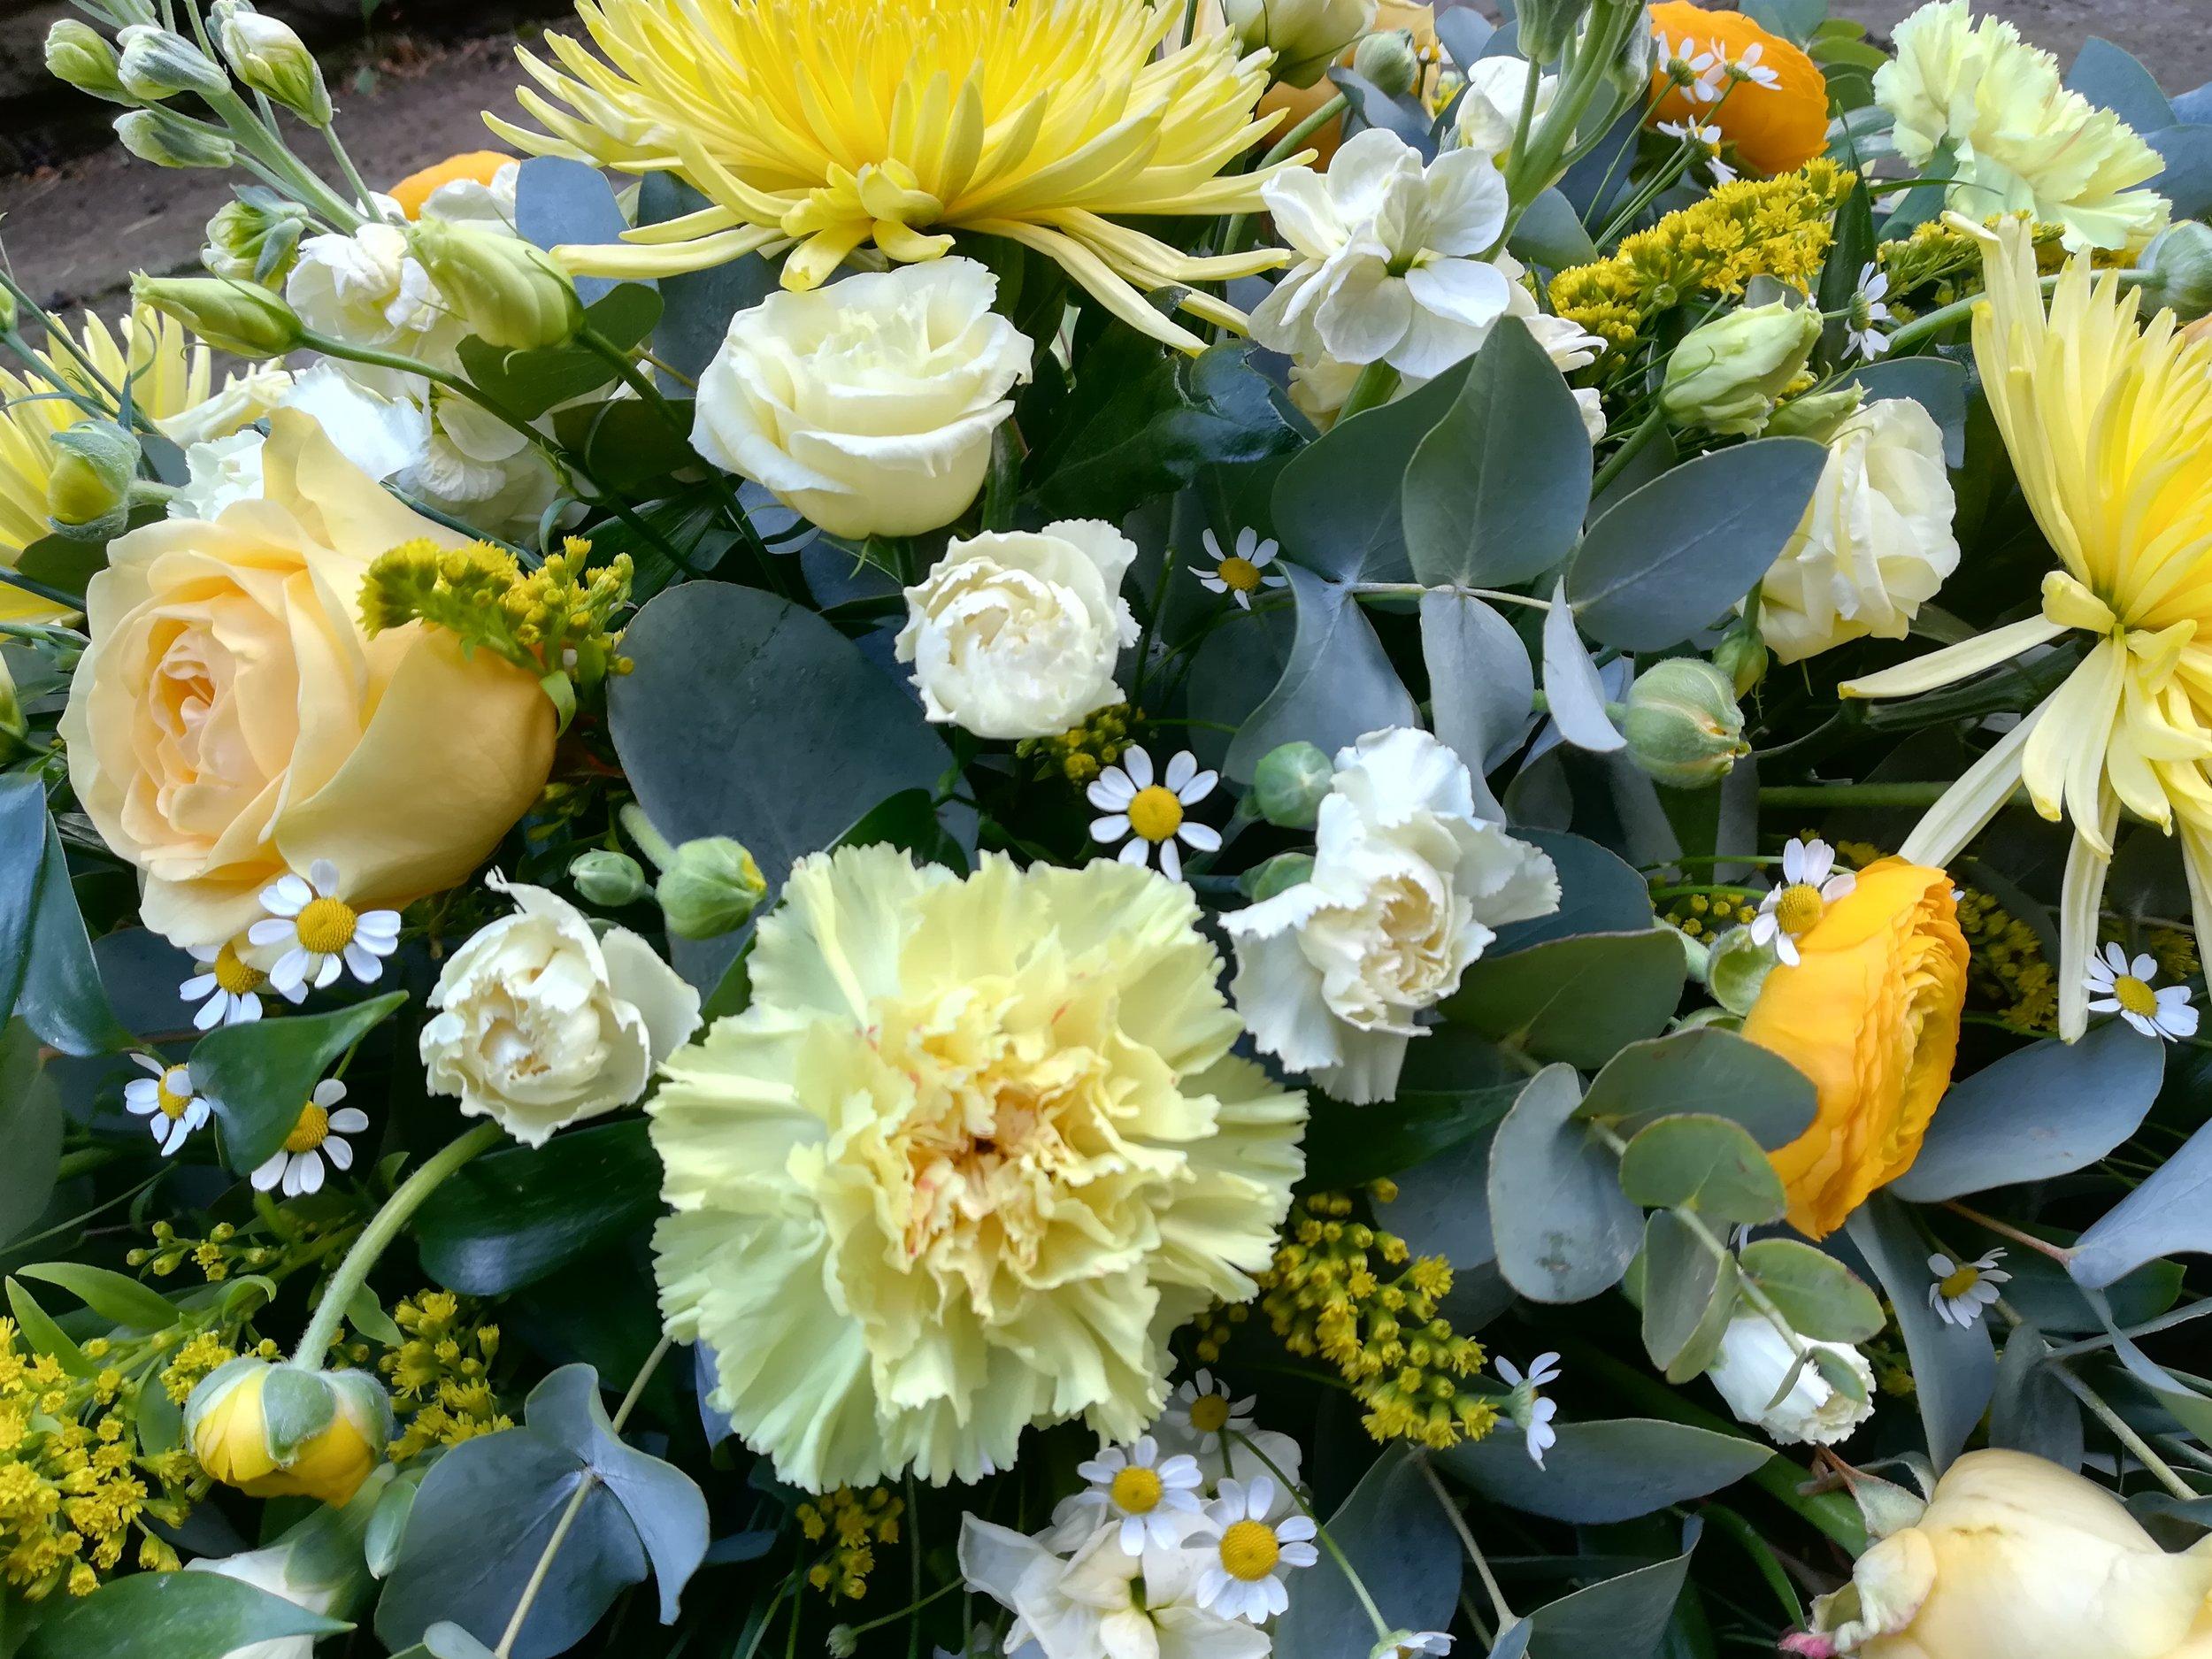 Yellow and White Flowers.jpg